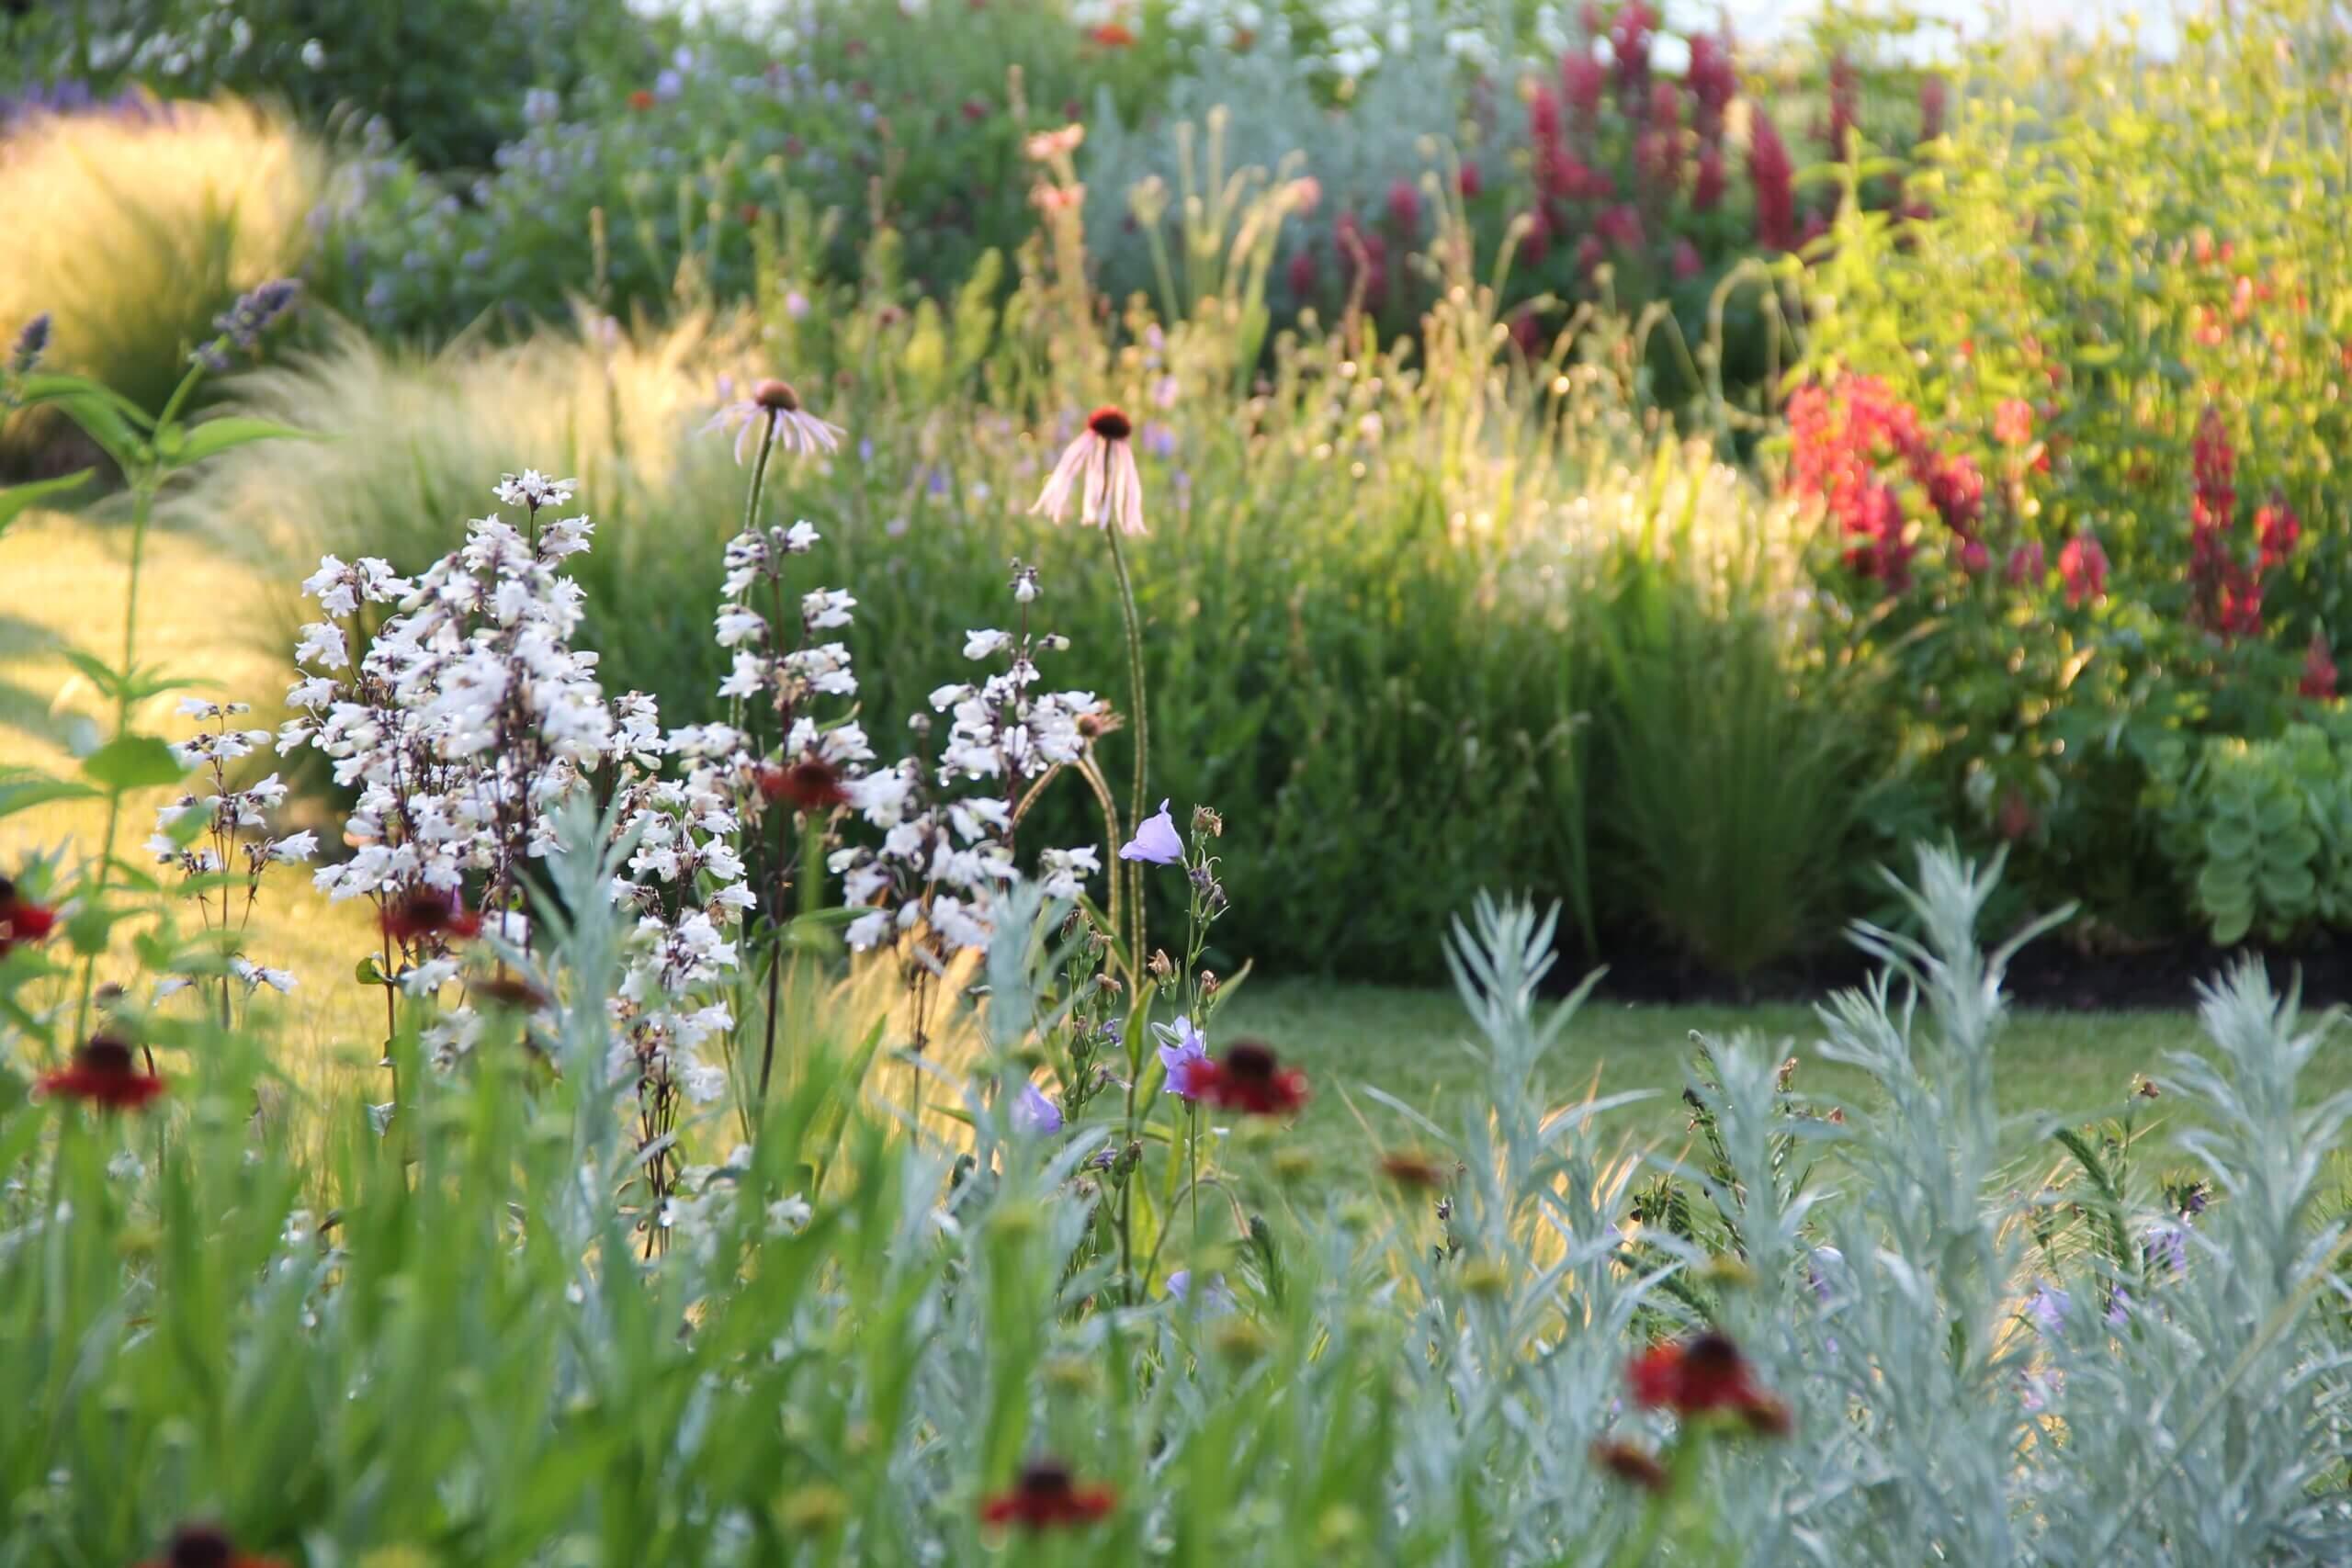 Vlinder-en vogelvriendelijke tuin bij woonboerderij in Hellendoorn